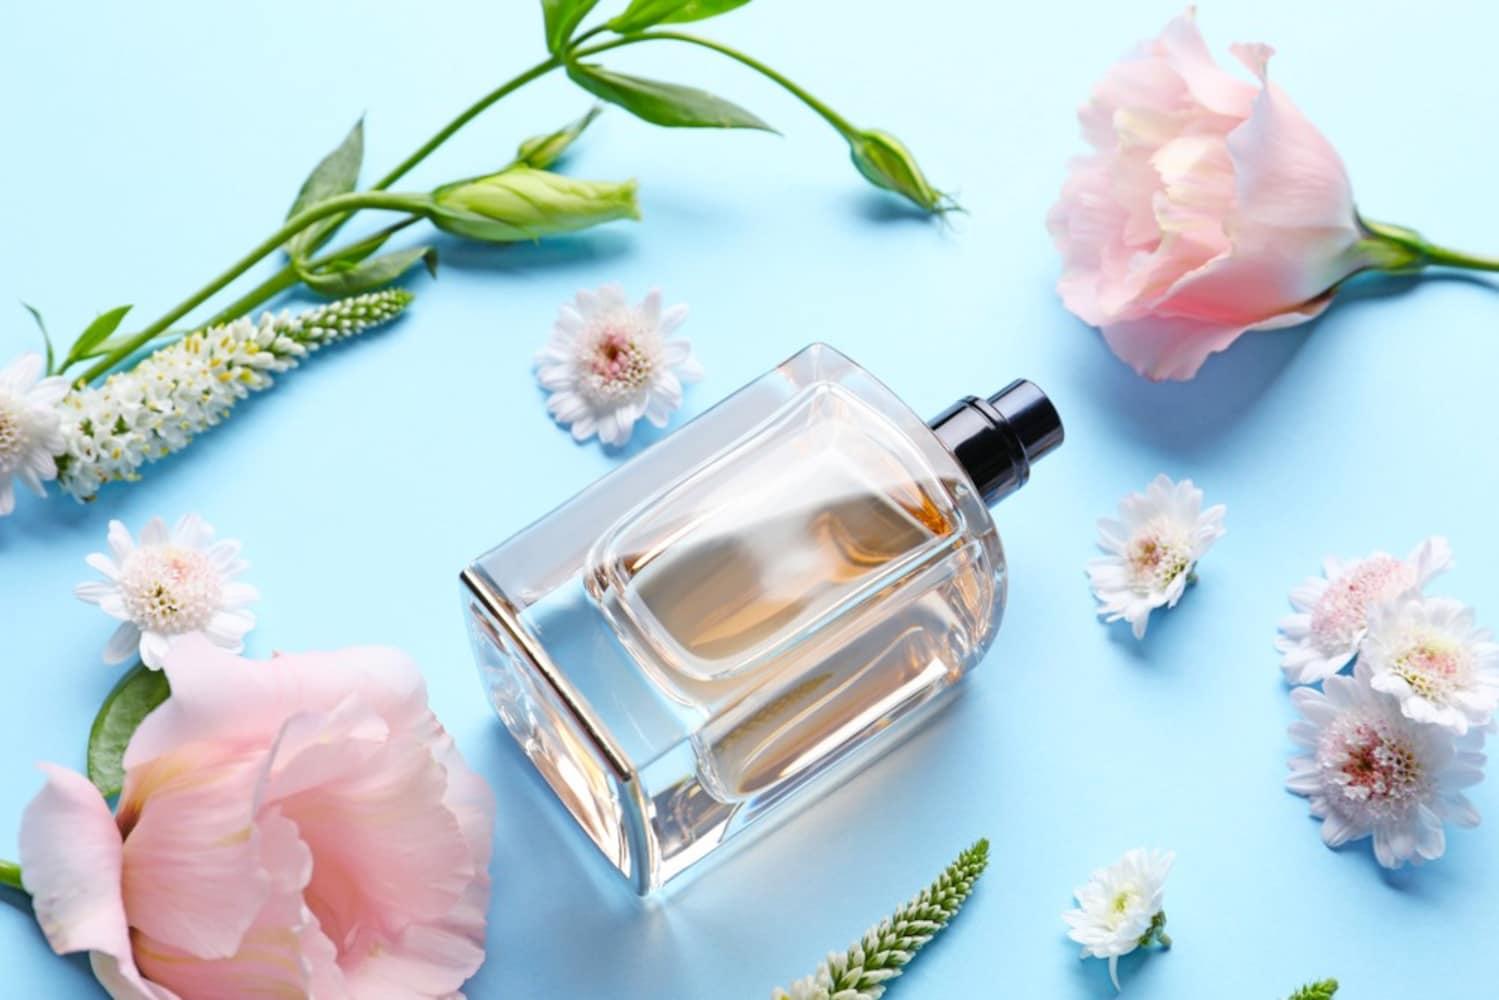 香り|ホワイトムスクがポピュラー、柔軟剤も人気